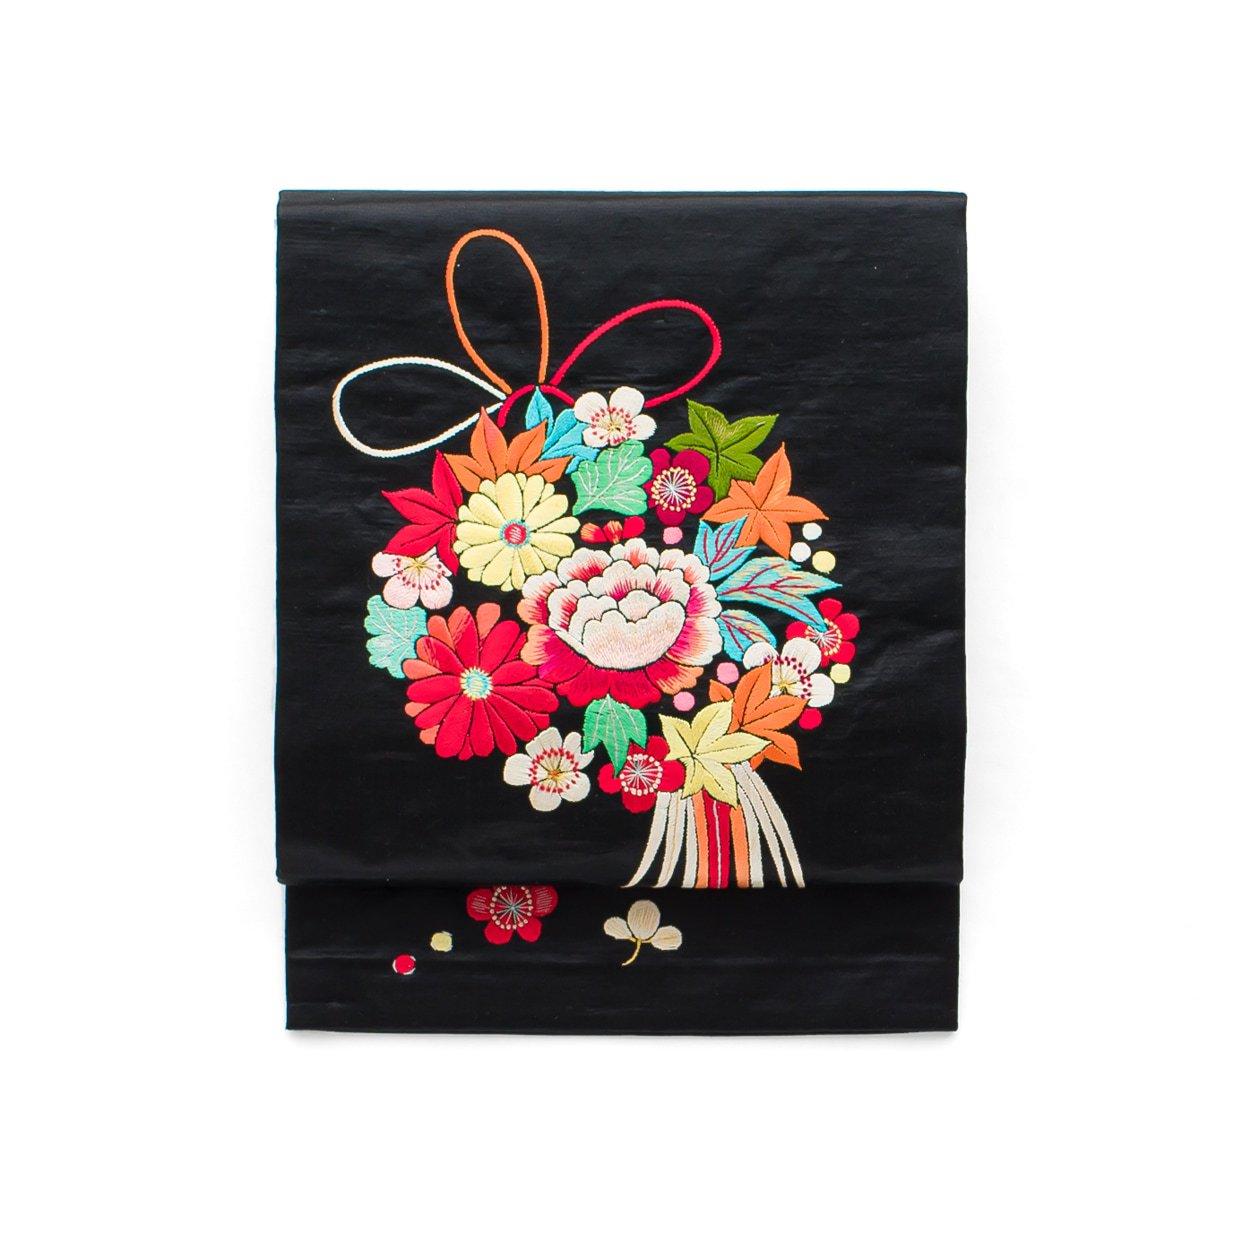 「アンティーク着物 繻子 花薬玉」の商品画像